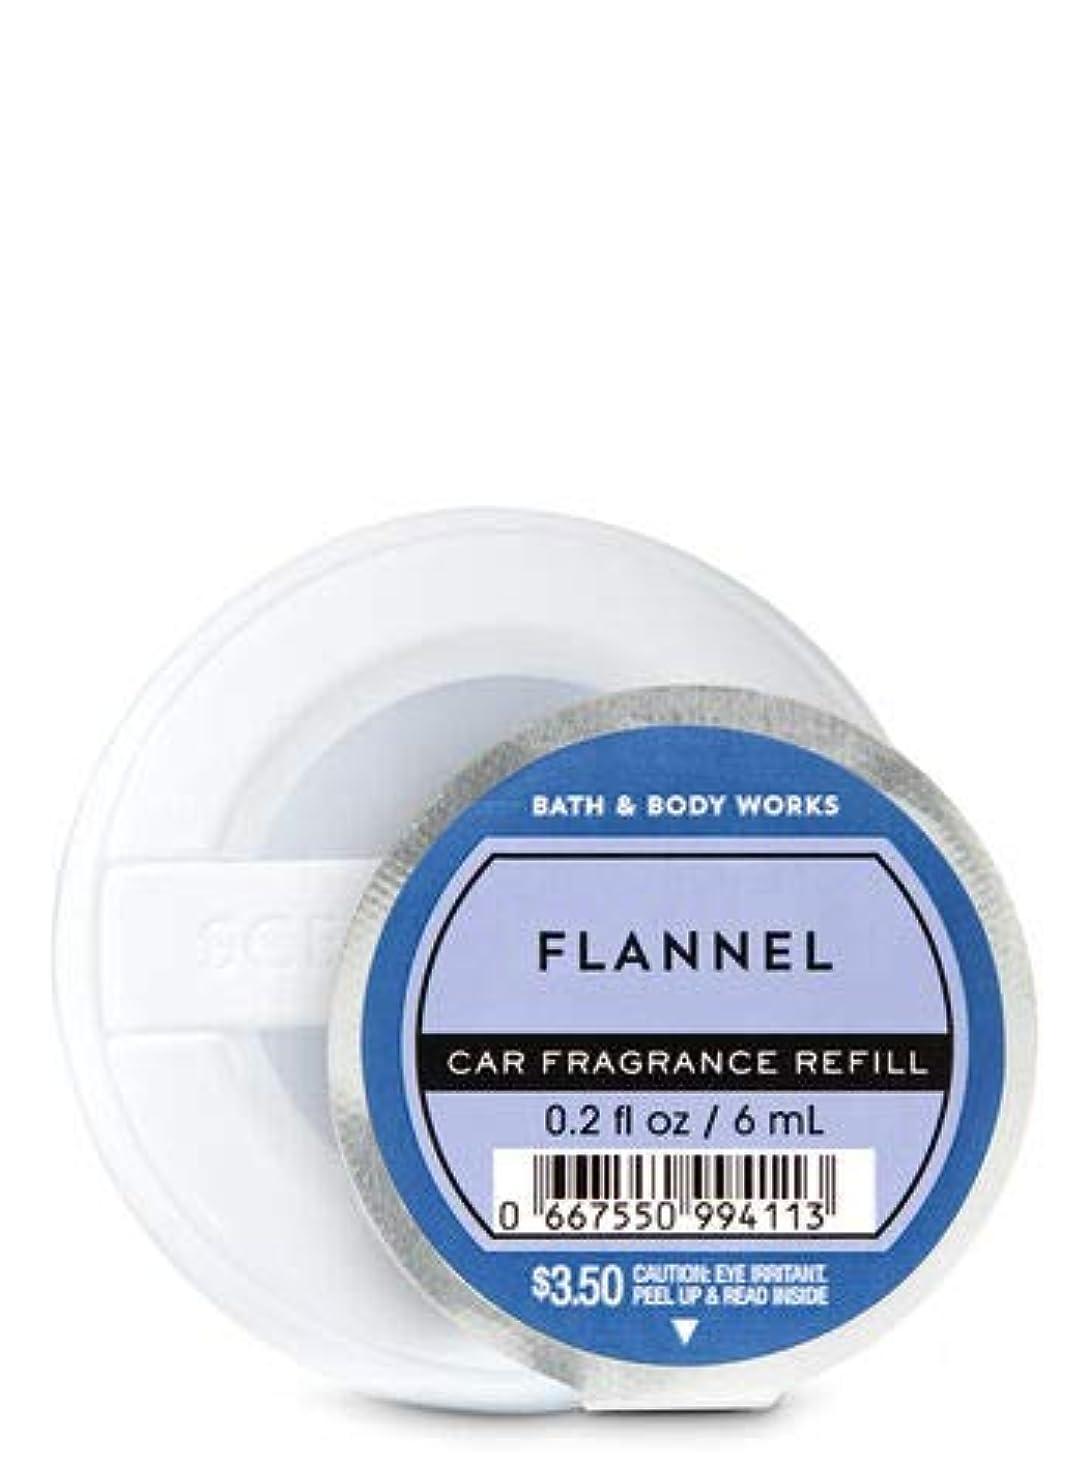 秘密の製品騒々しい【Bath&Body Works/バス&ボディワークス】 クリップ式芳香剤 セントポータブル詰替えリフィル フランネル Scentportable Fragrance Refill Flannel [並行輸入品]